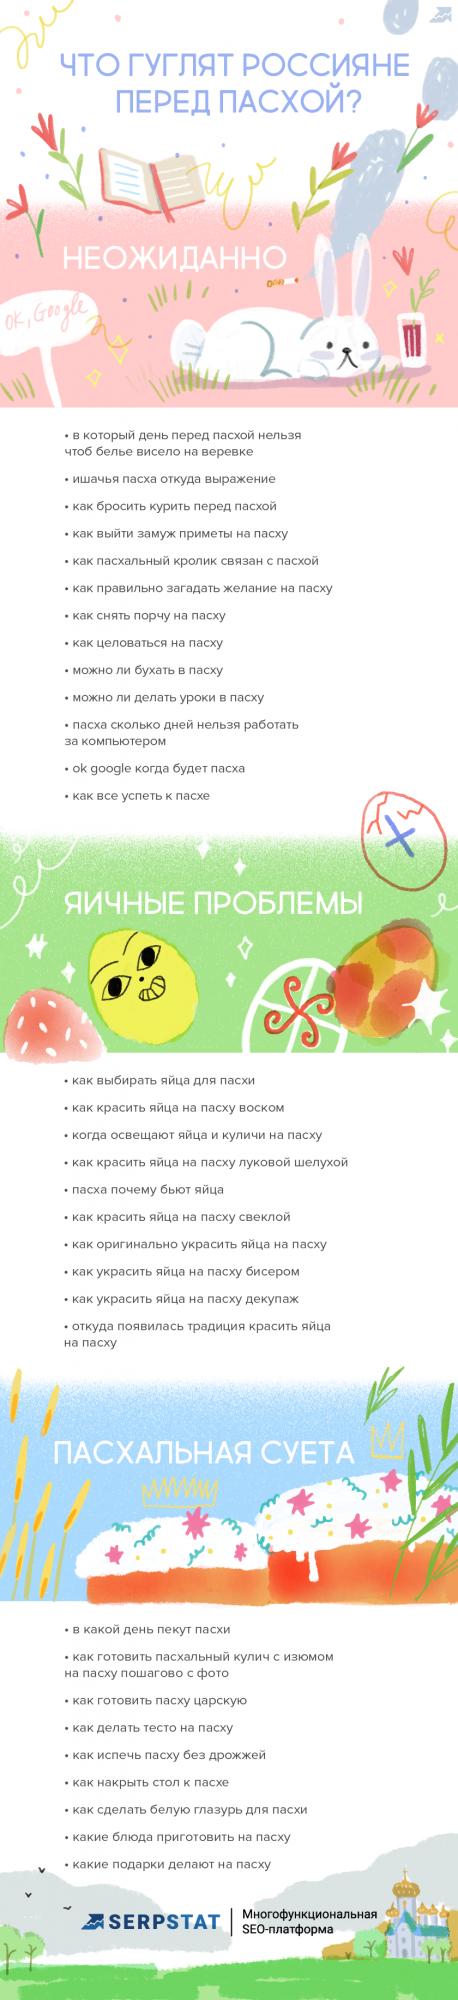 Инфографика: о чем спрашивают Google в канун Пасхи